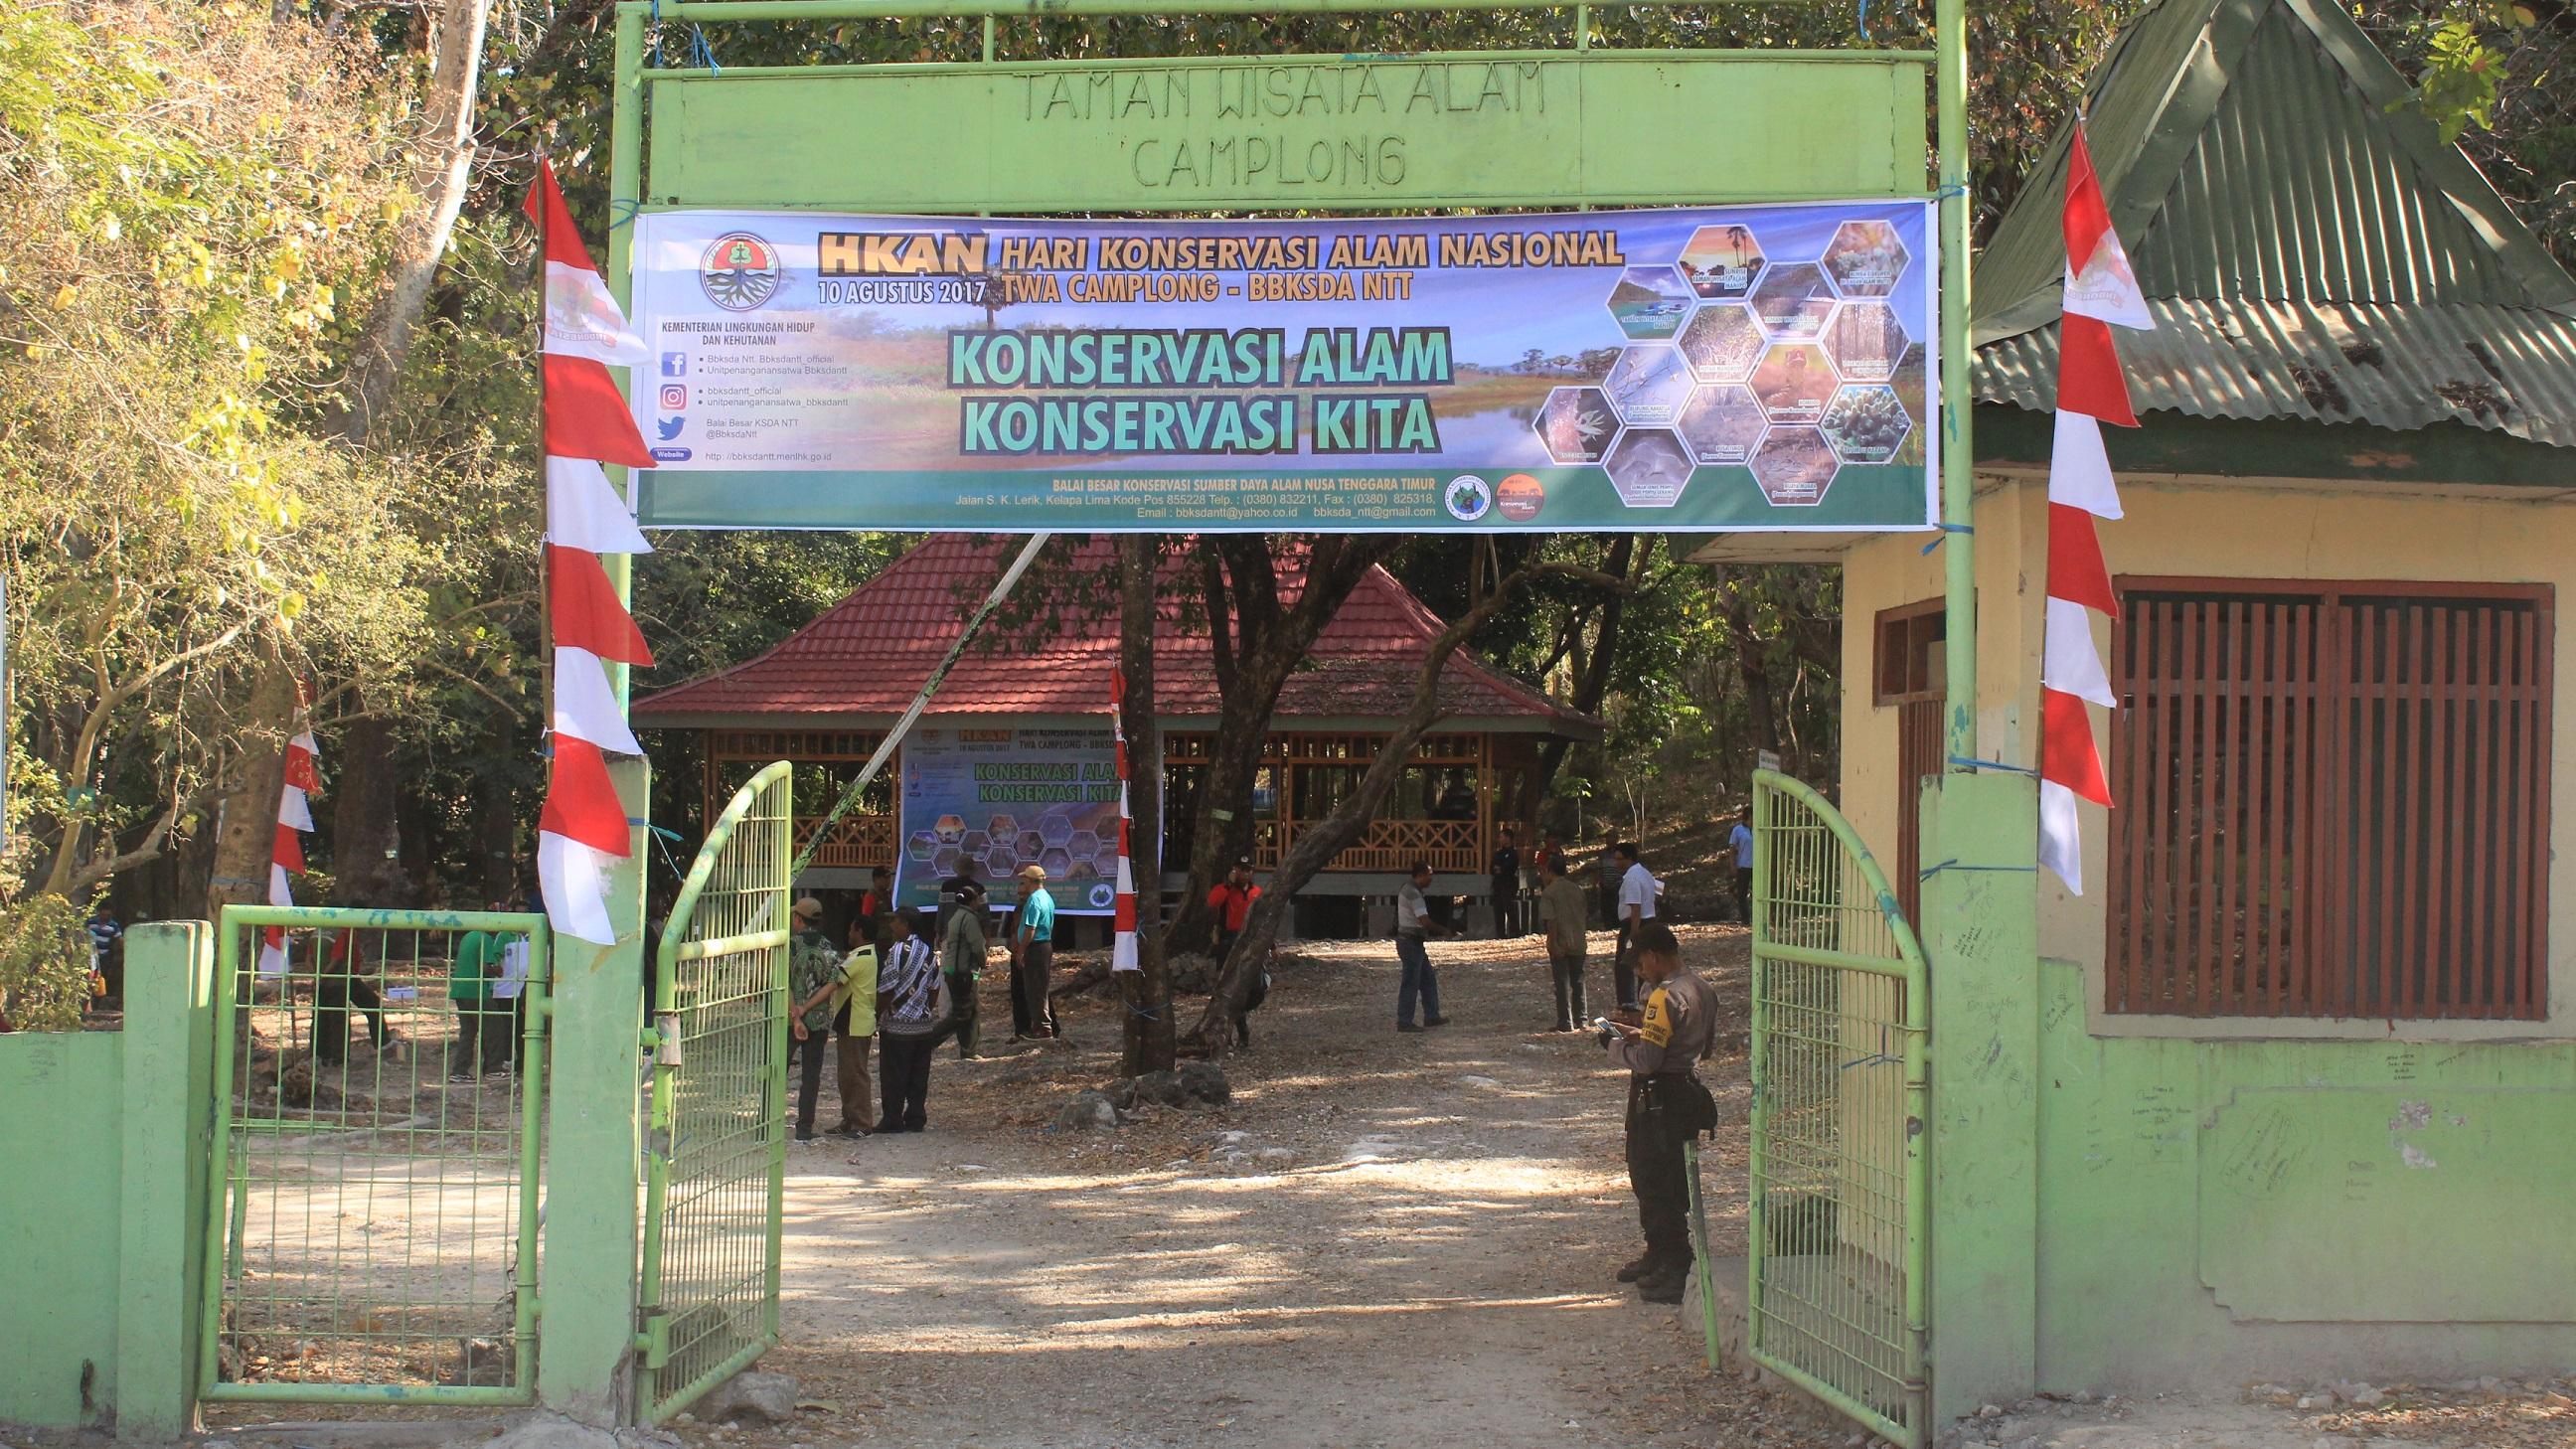 Hkan 2017 Provinsi Nusa Tenggara Timur Twa Camplong Ditjen Kupang